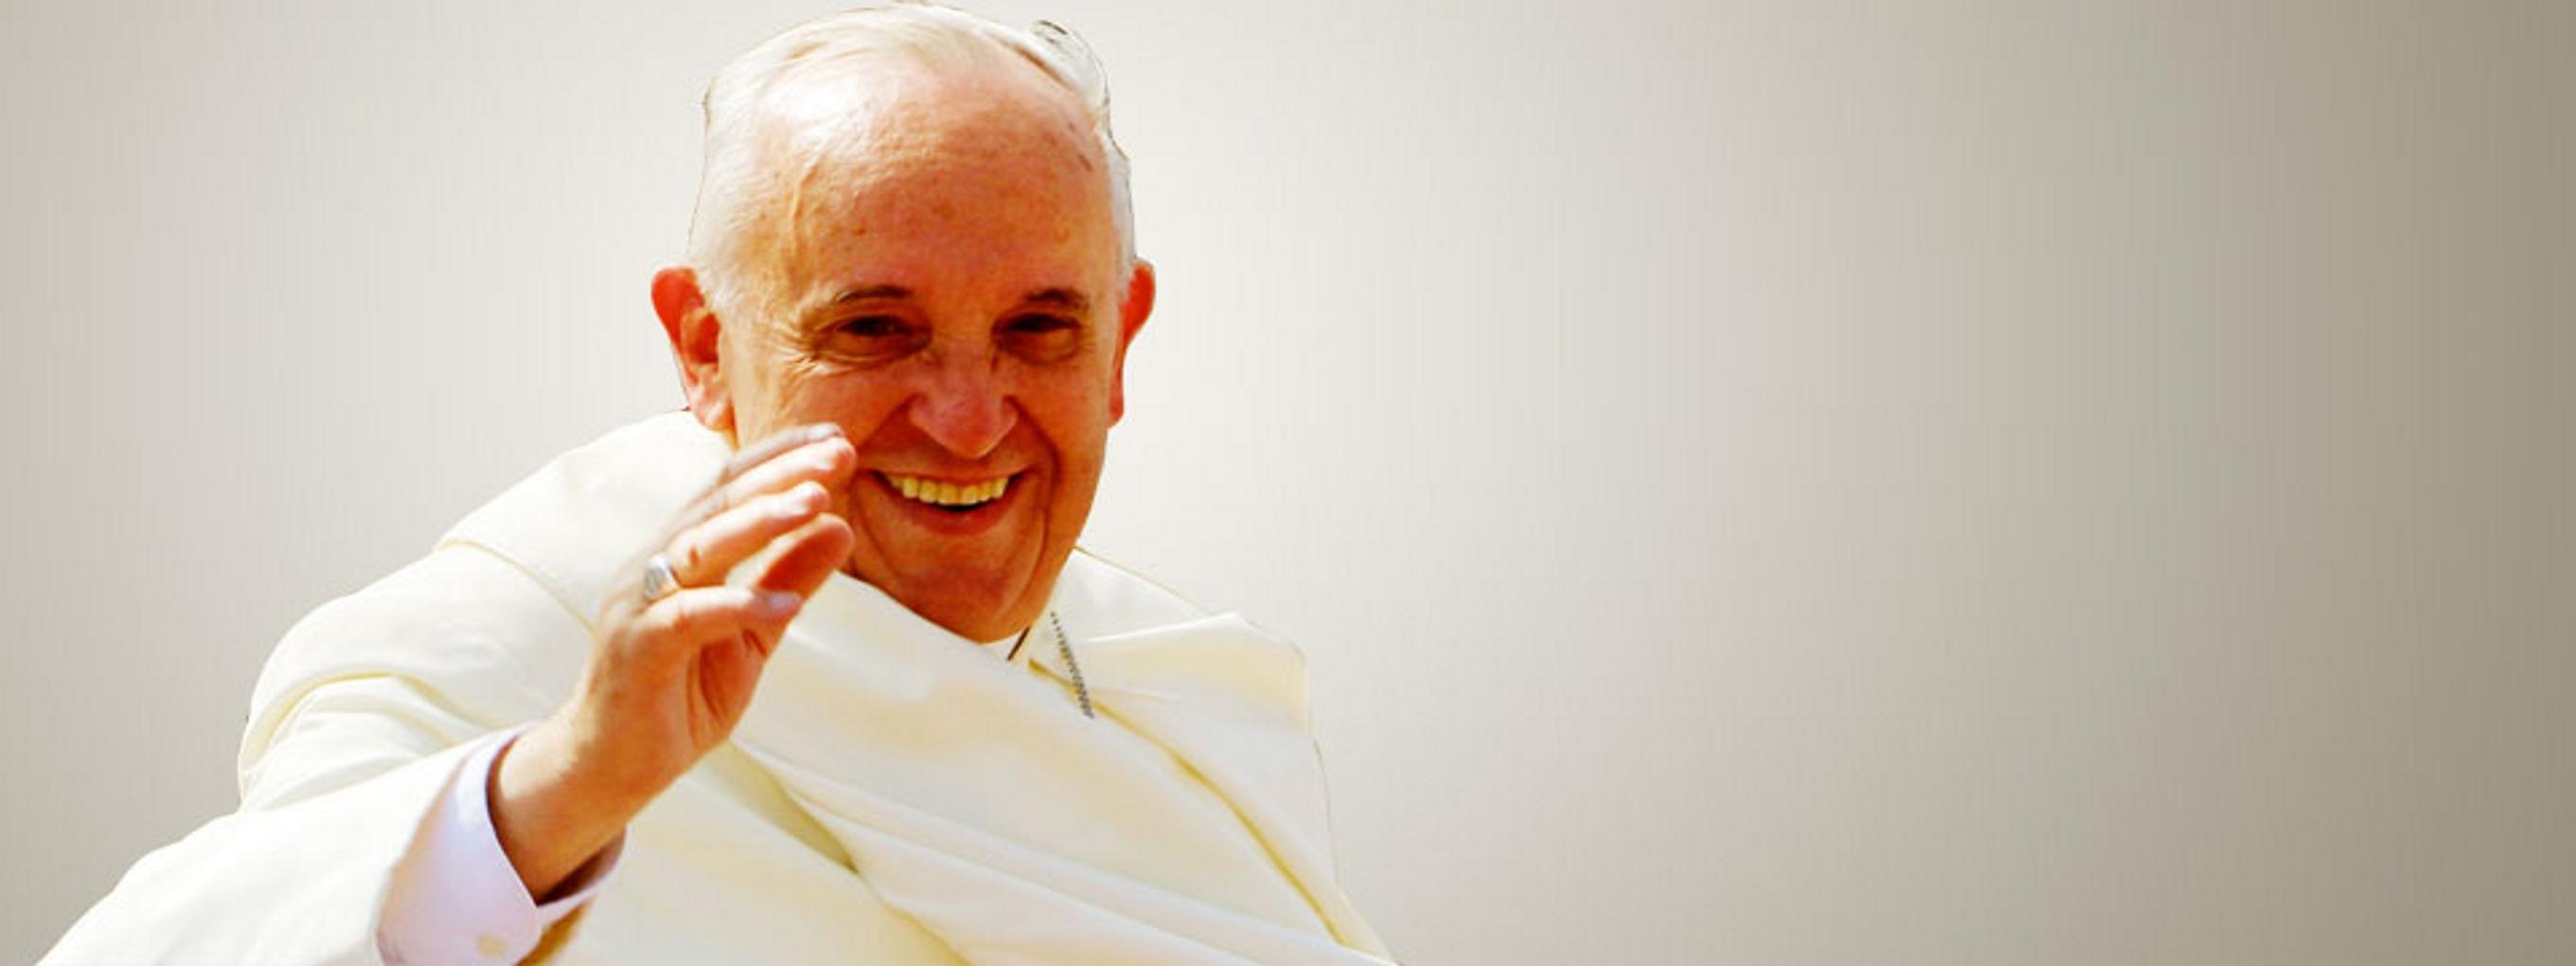 Pope-slide1